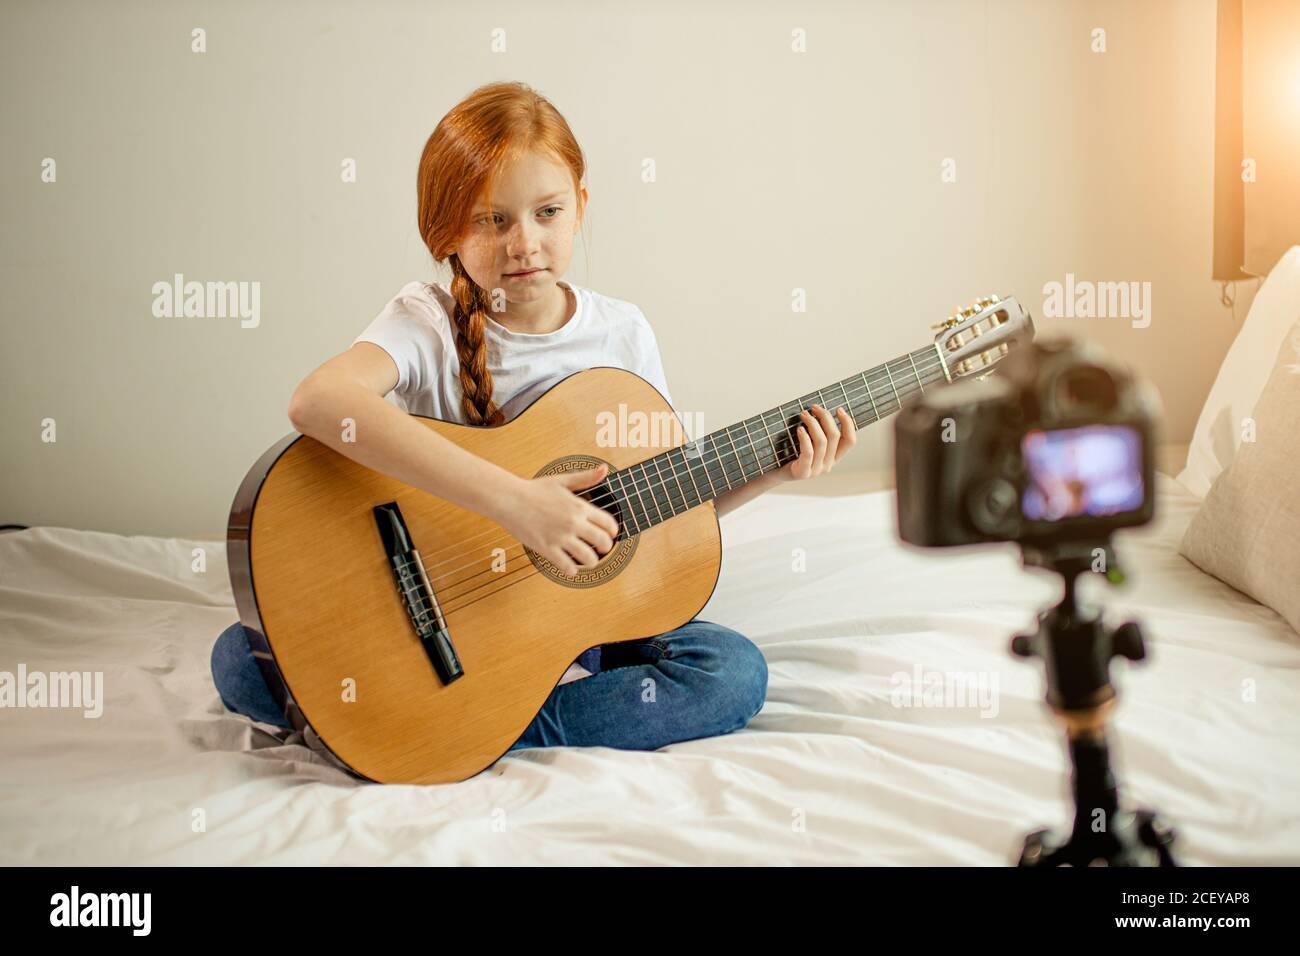 Portrait von schönen niedlichen kaukasischen Kind Mädchen blogger Gitarre spielen bei der Kamera. Liebenswert Mädchen sitzen zeigen, Durchführung neuer Melodie für Abonnenten. vl Stockfoto